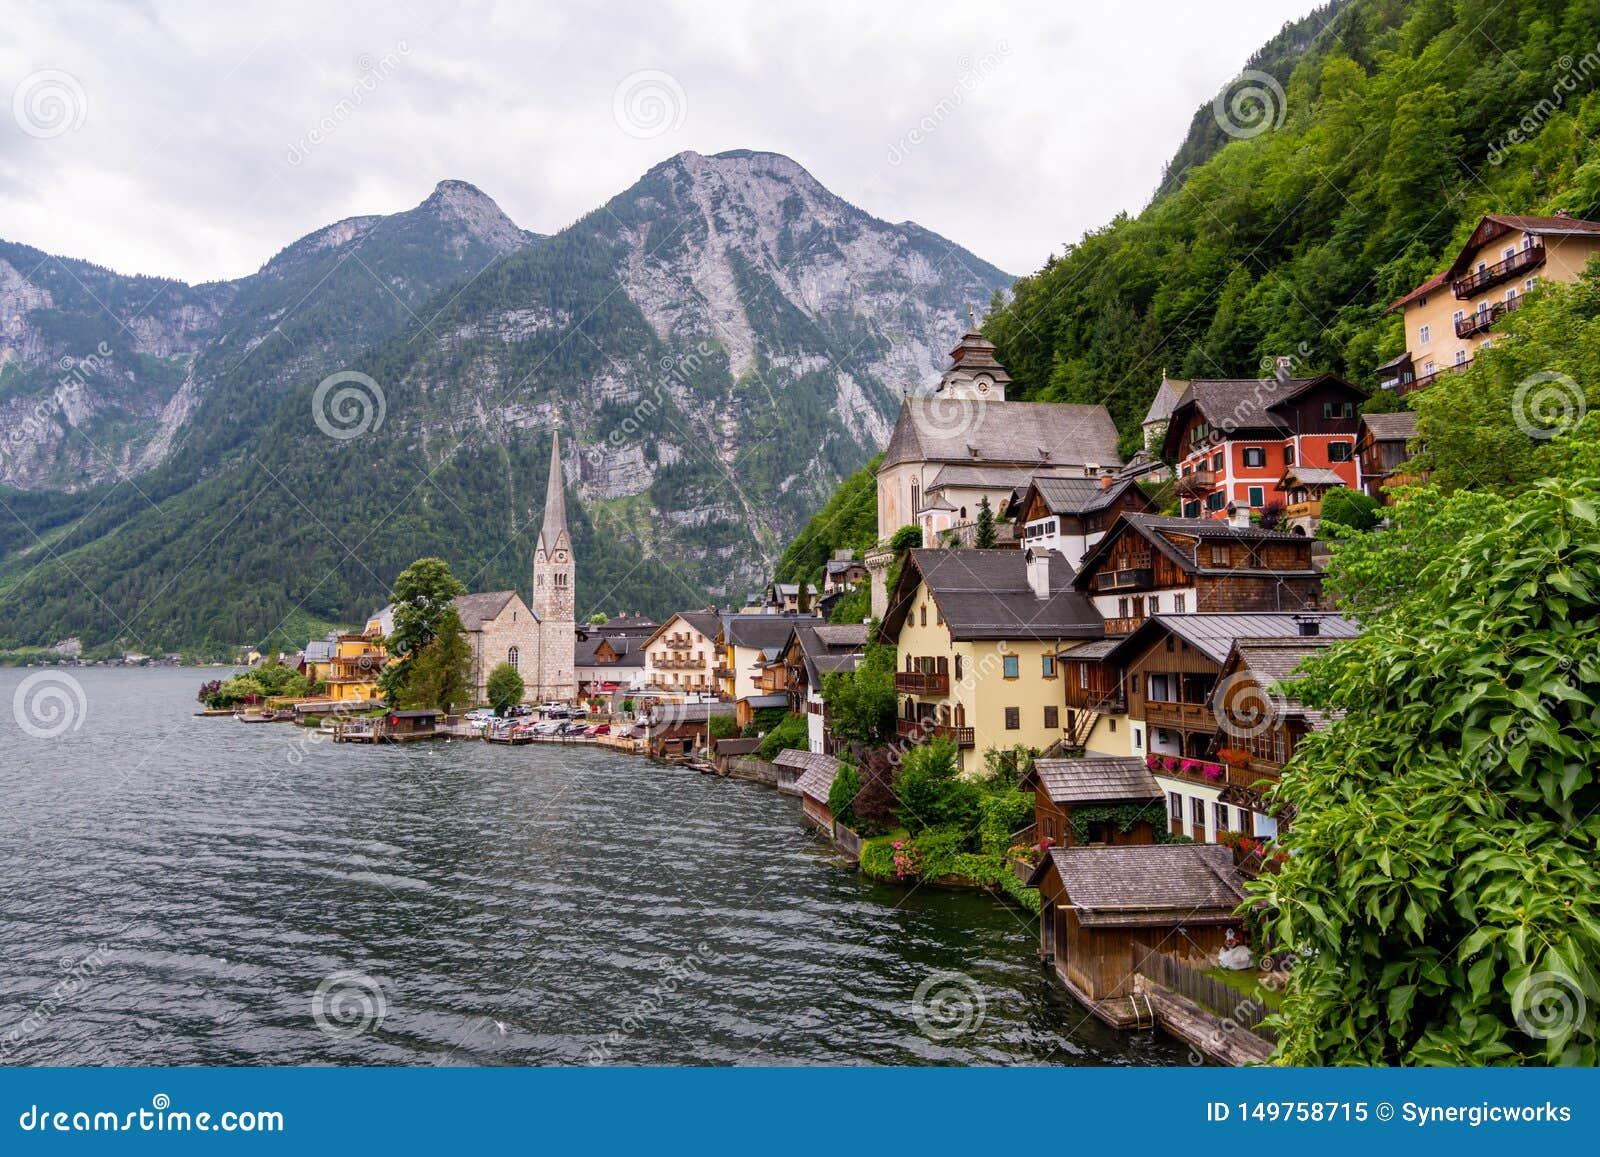 Download Alps Wallpaper 1920x1080 | Wallpoper #249981